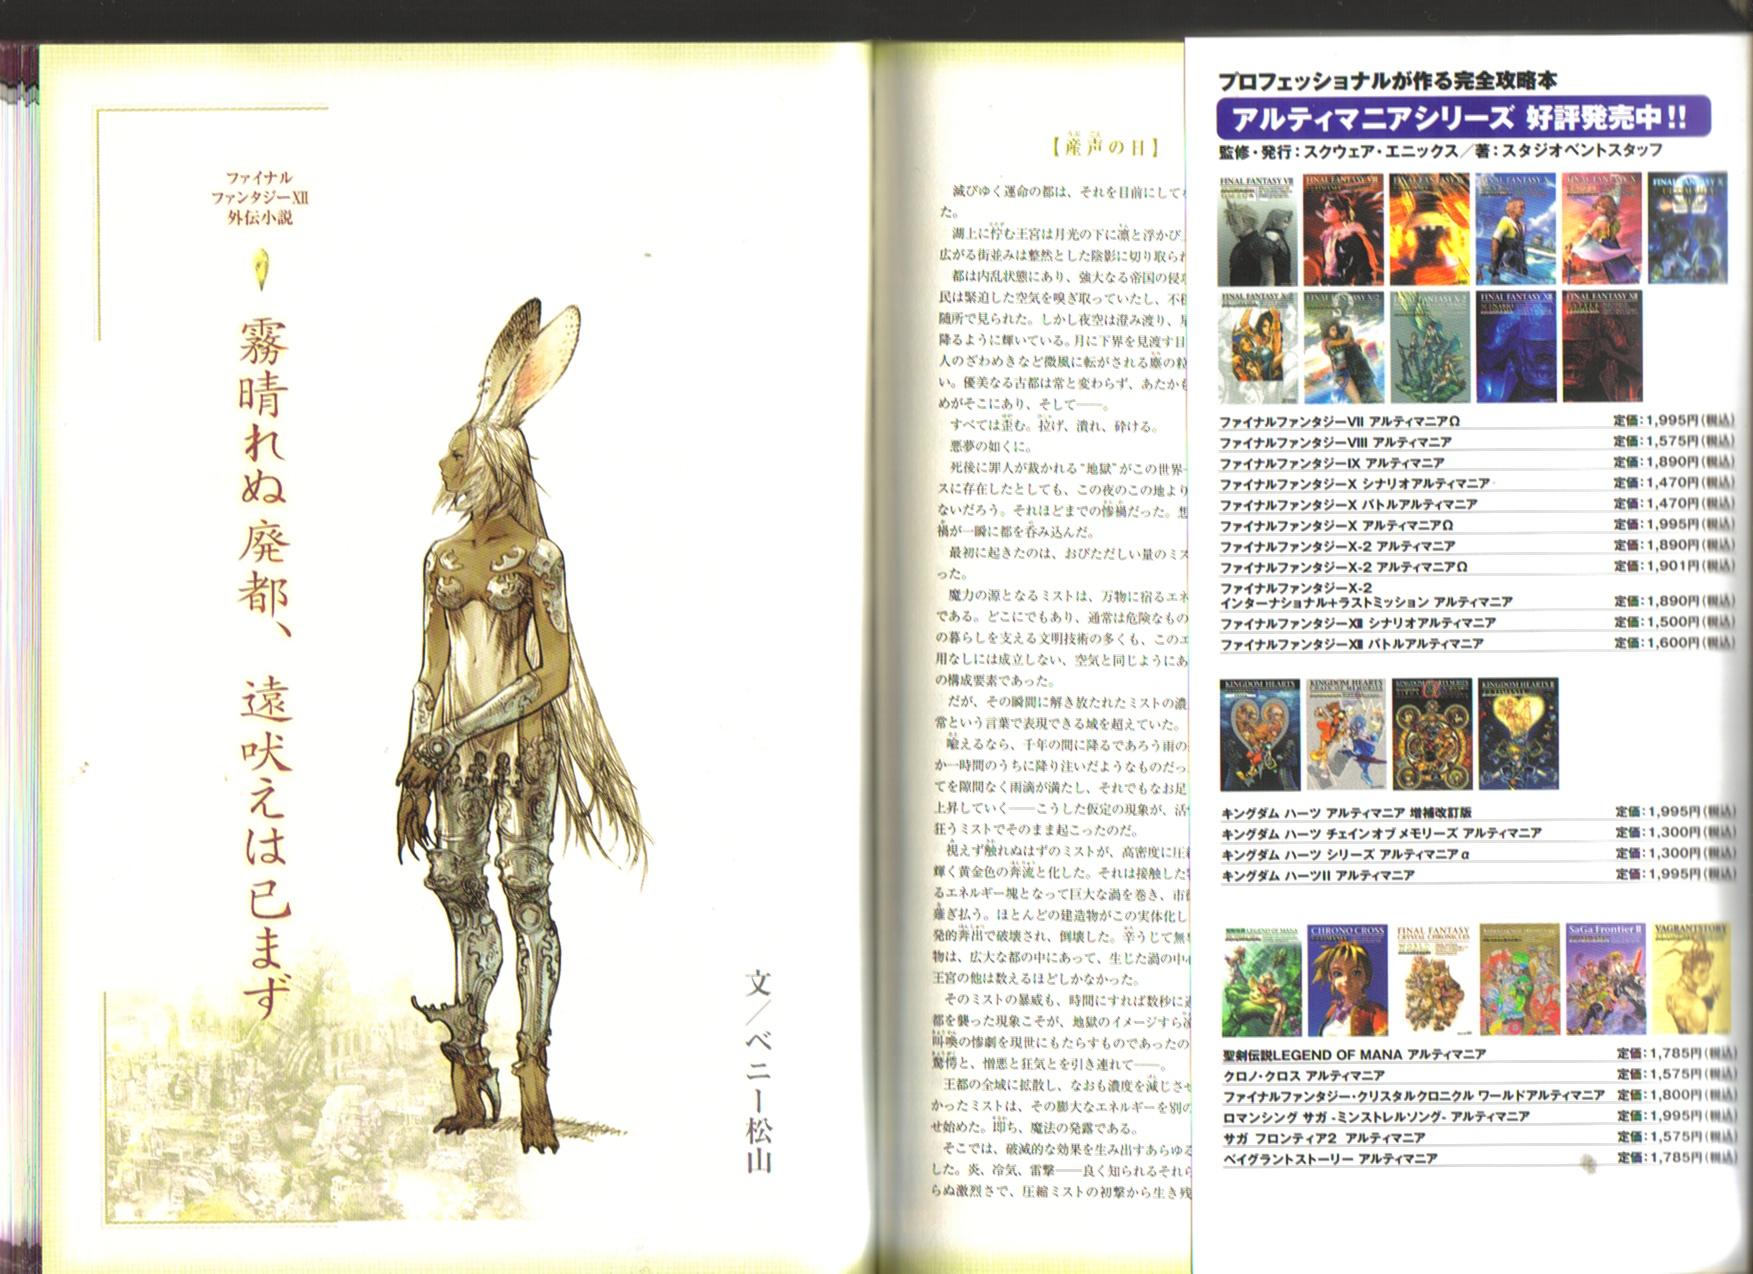 Final Fantasy XII Ultimania Omega